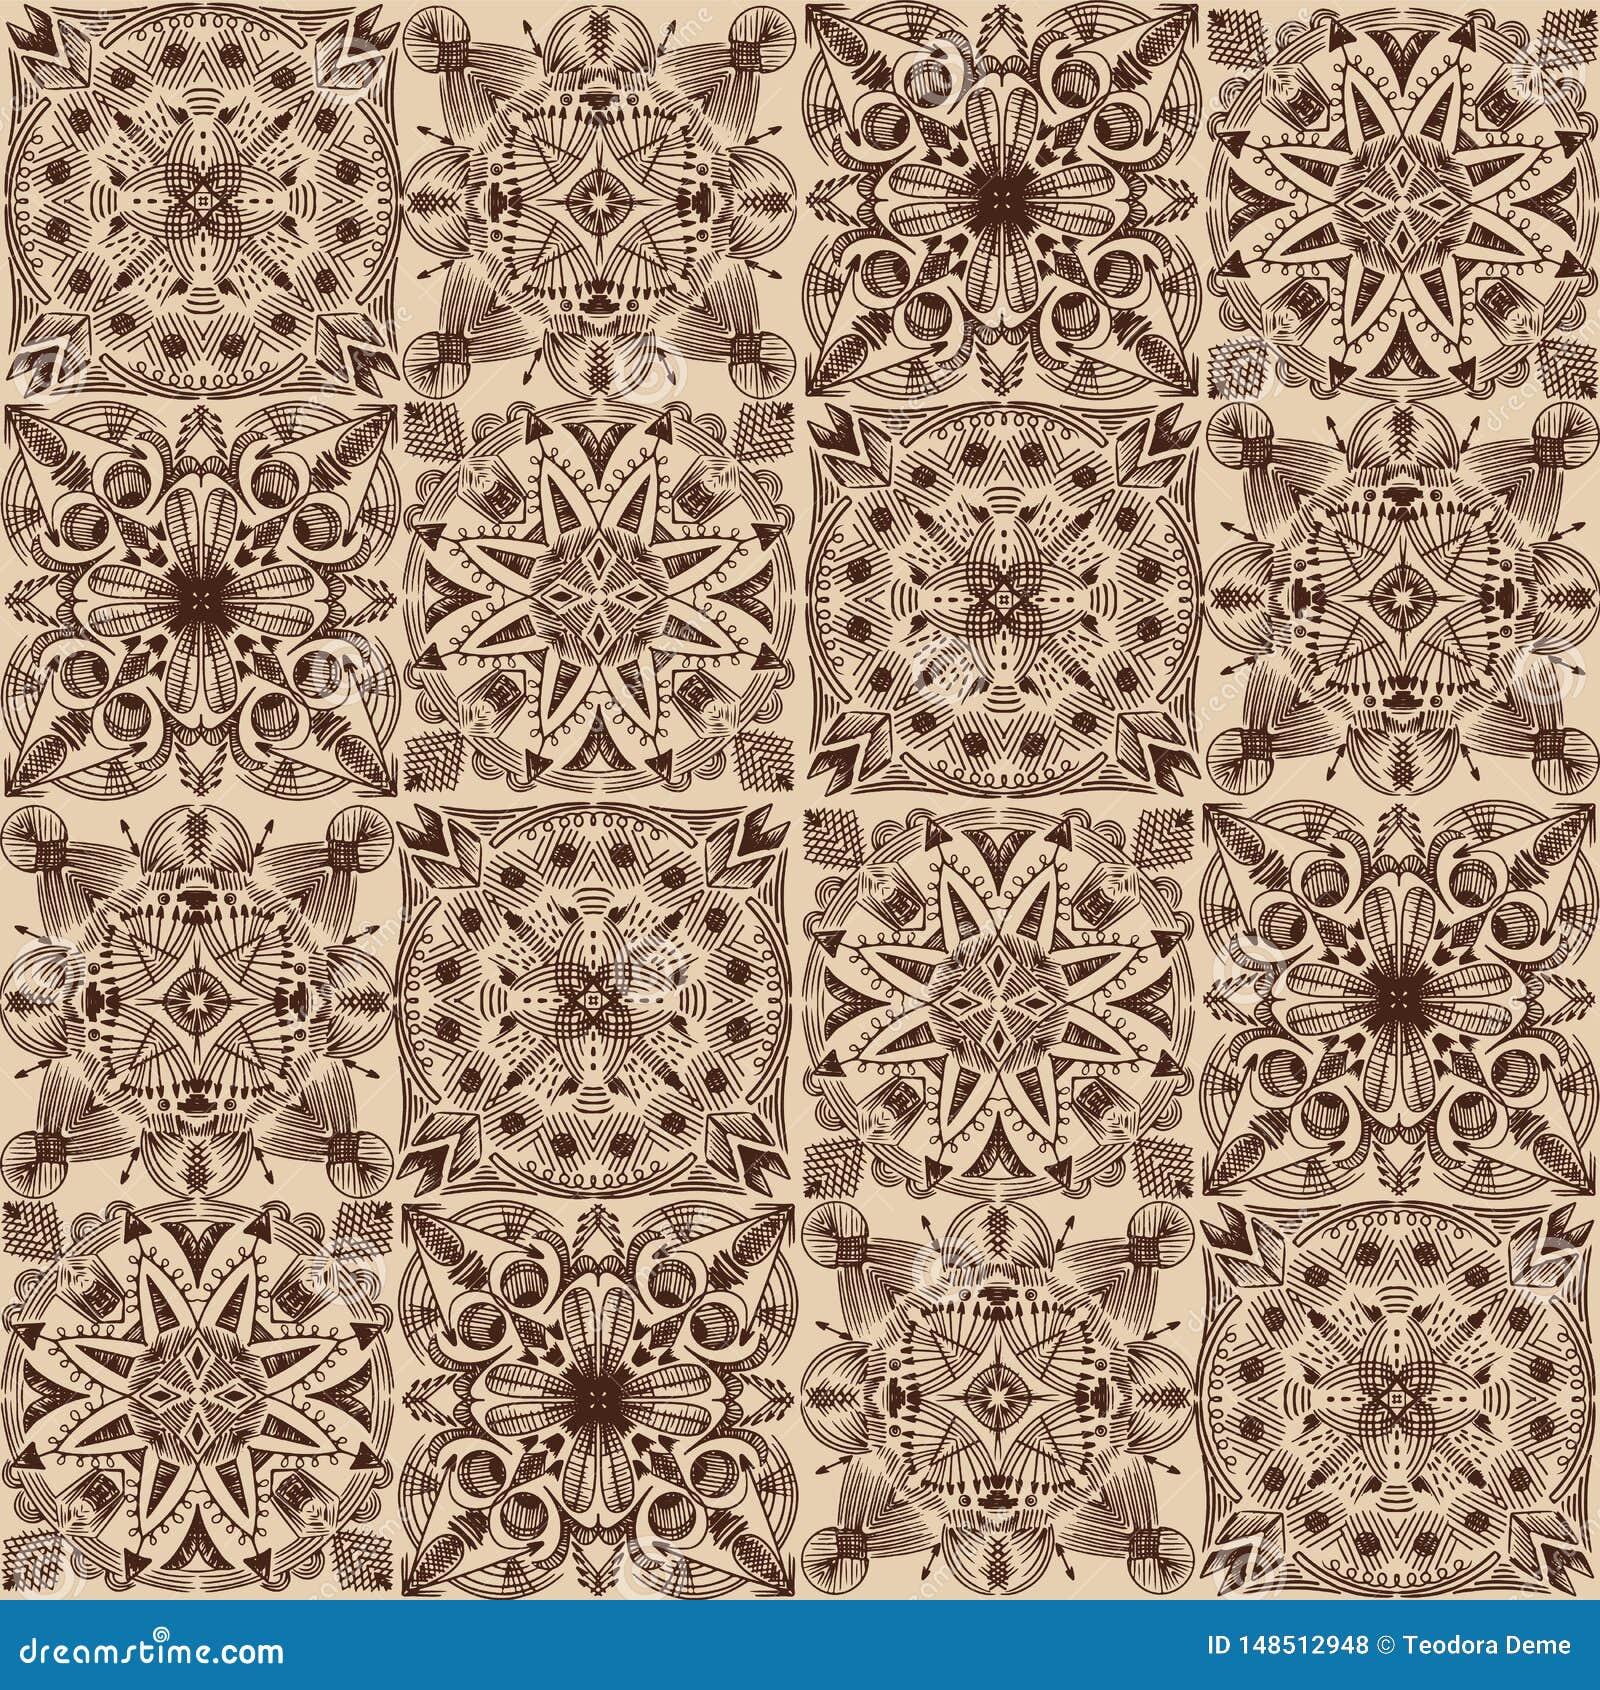 Vector golden tribal symmetric tiled seamless pattern on dark background.